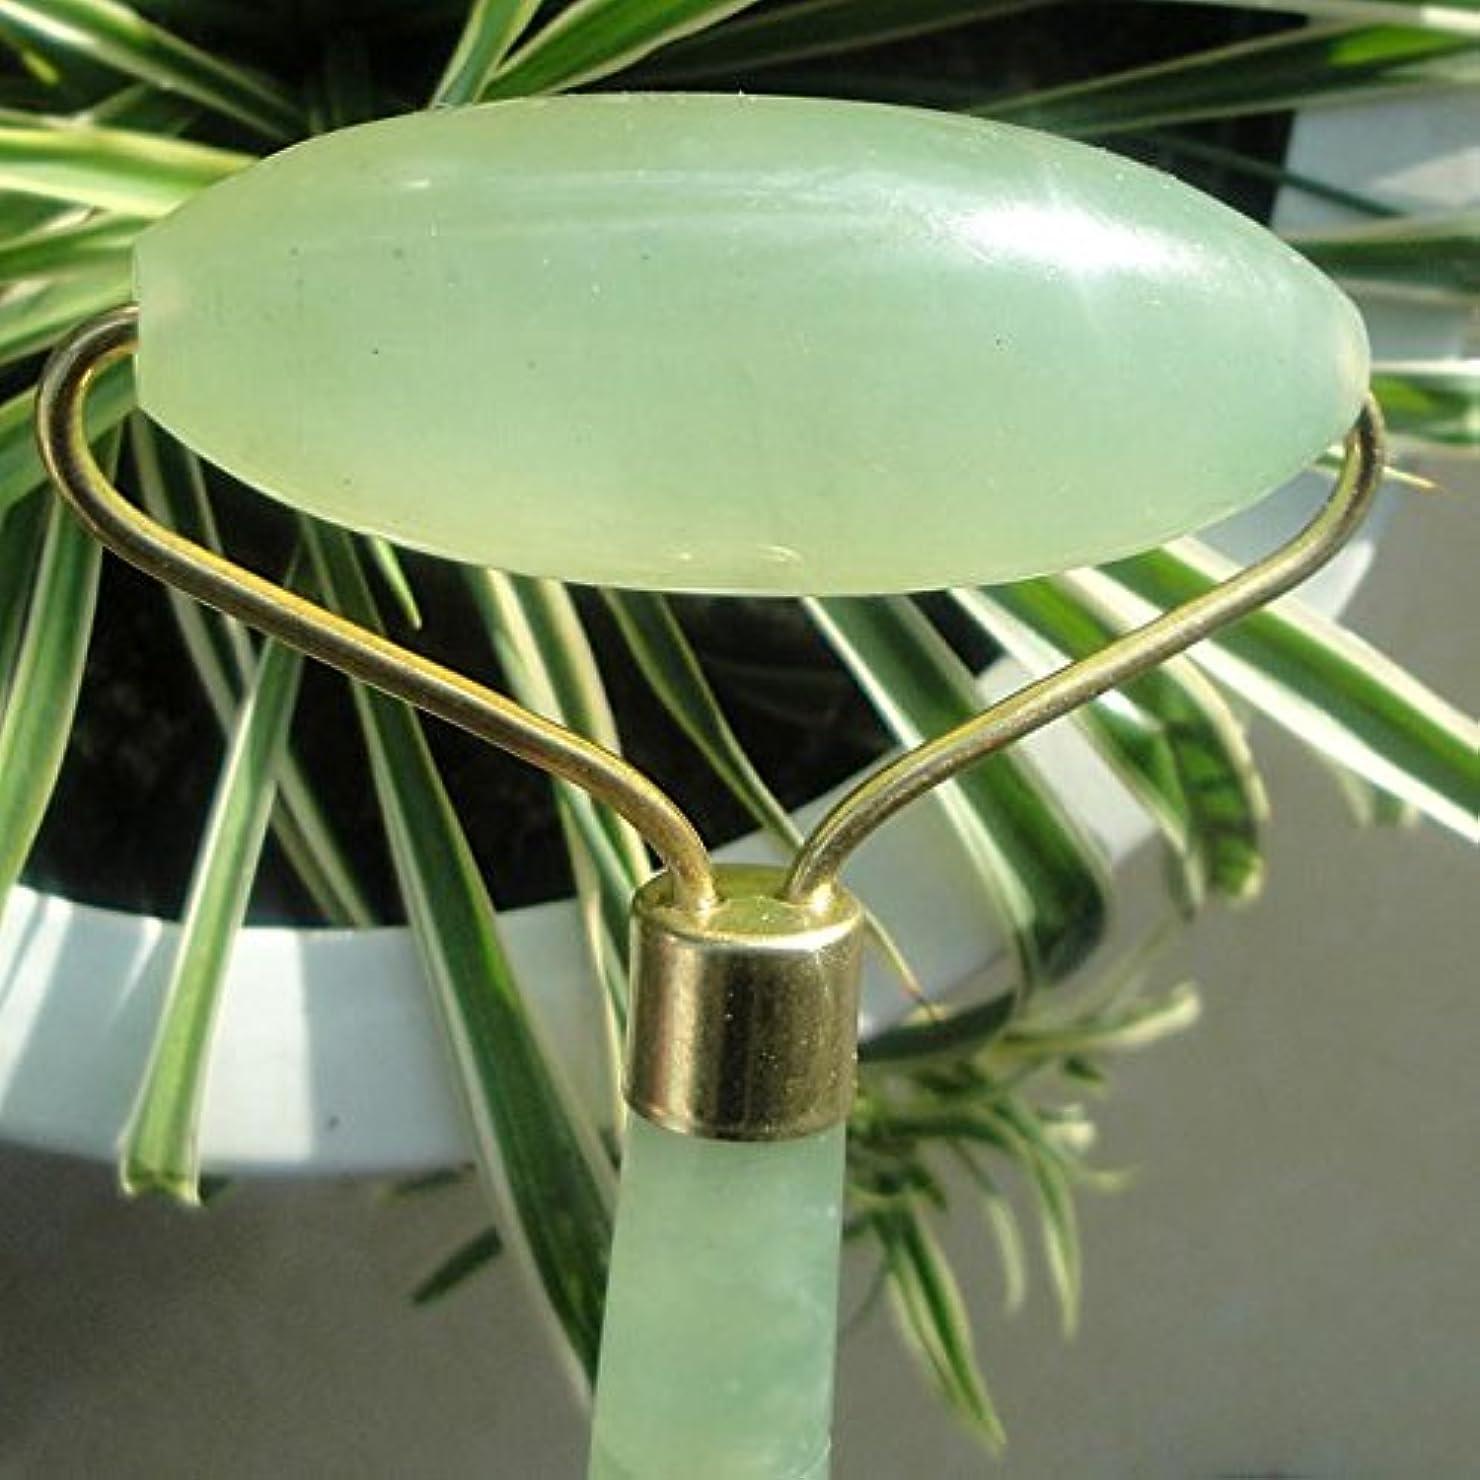 マイクロプロセッサウォルターカニンガム警察署100%翡翠美顔ローラーストーン 天然石 美顔 美容グッズ フェイシャルマッサージ つぼ刺激 ローラータイプ Single head Jade roller